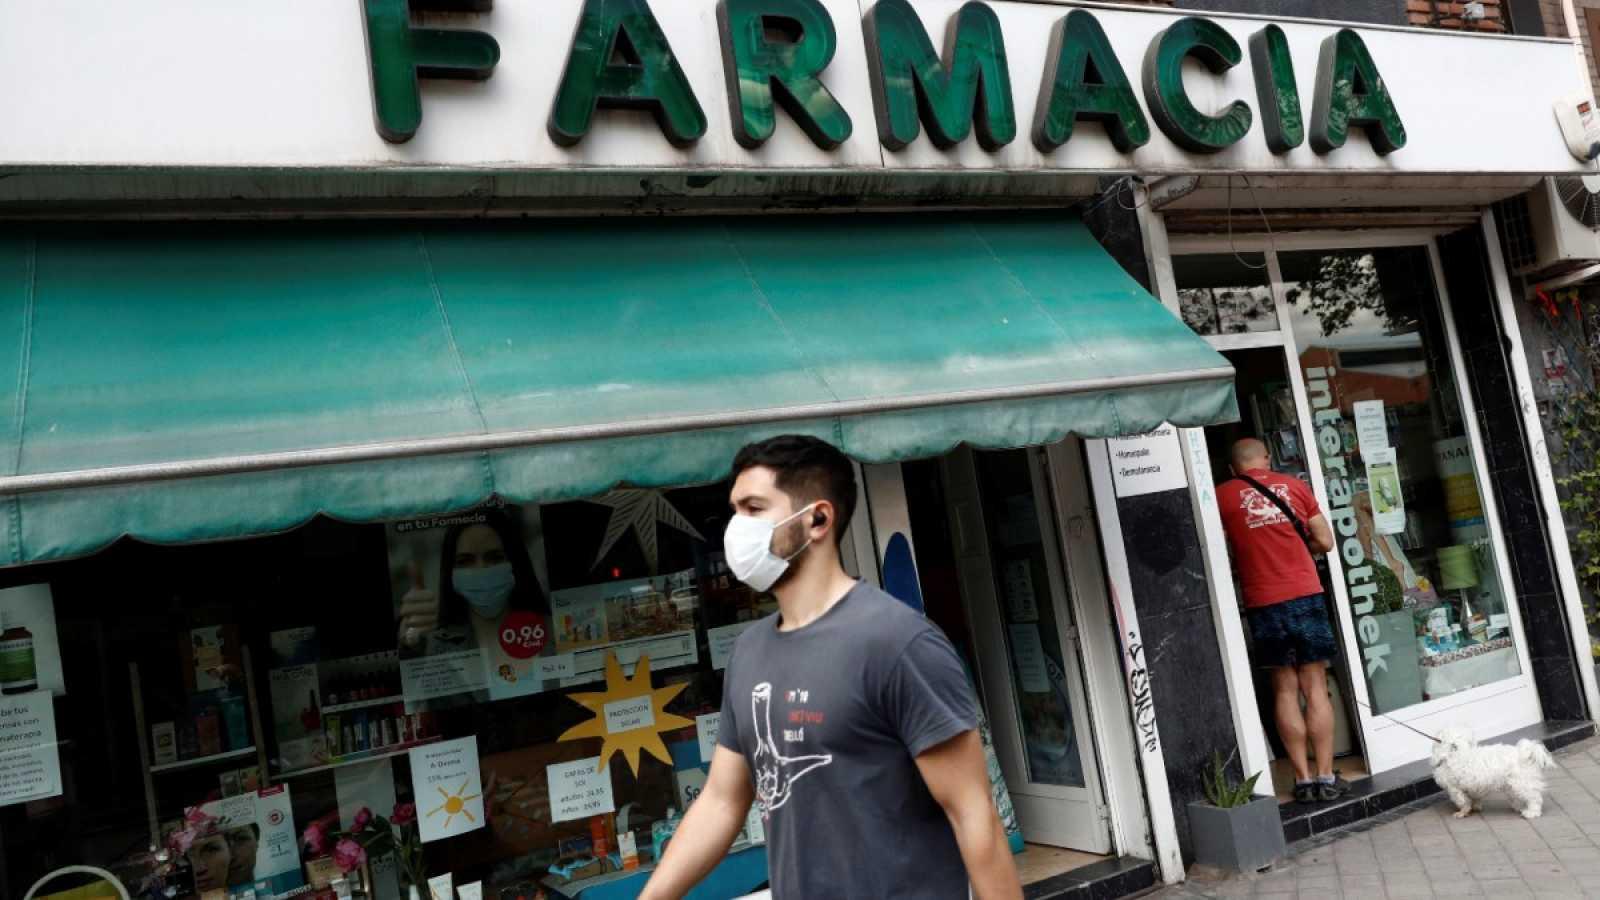 El Gobierno ultima un decreto que contempla multas de hasta 100 euros por ir sin mascarilla